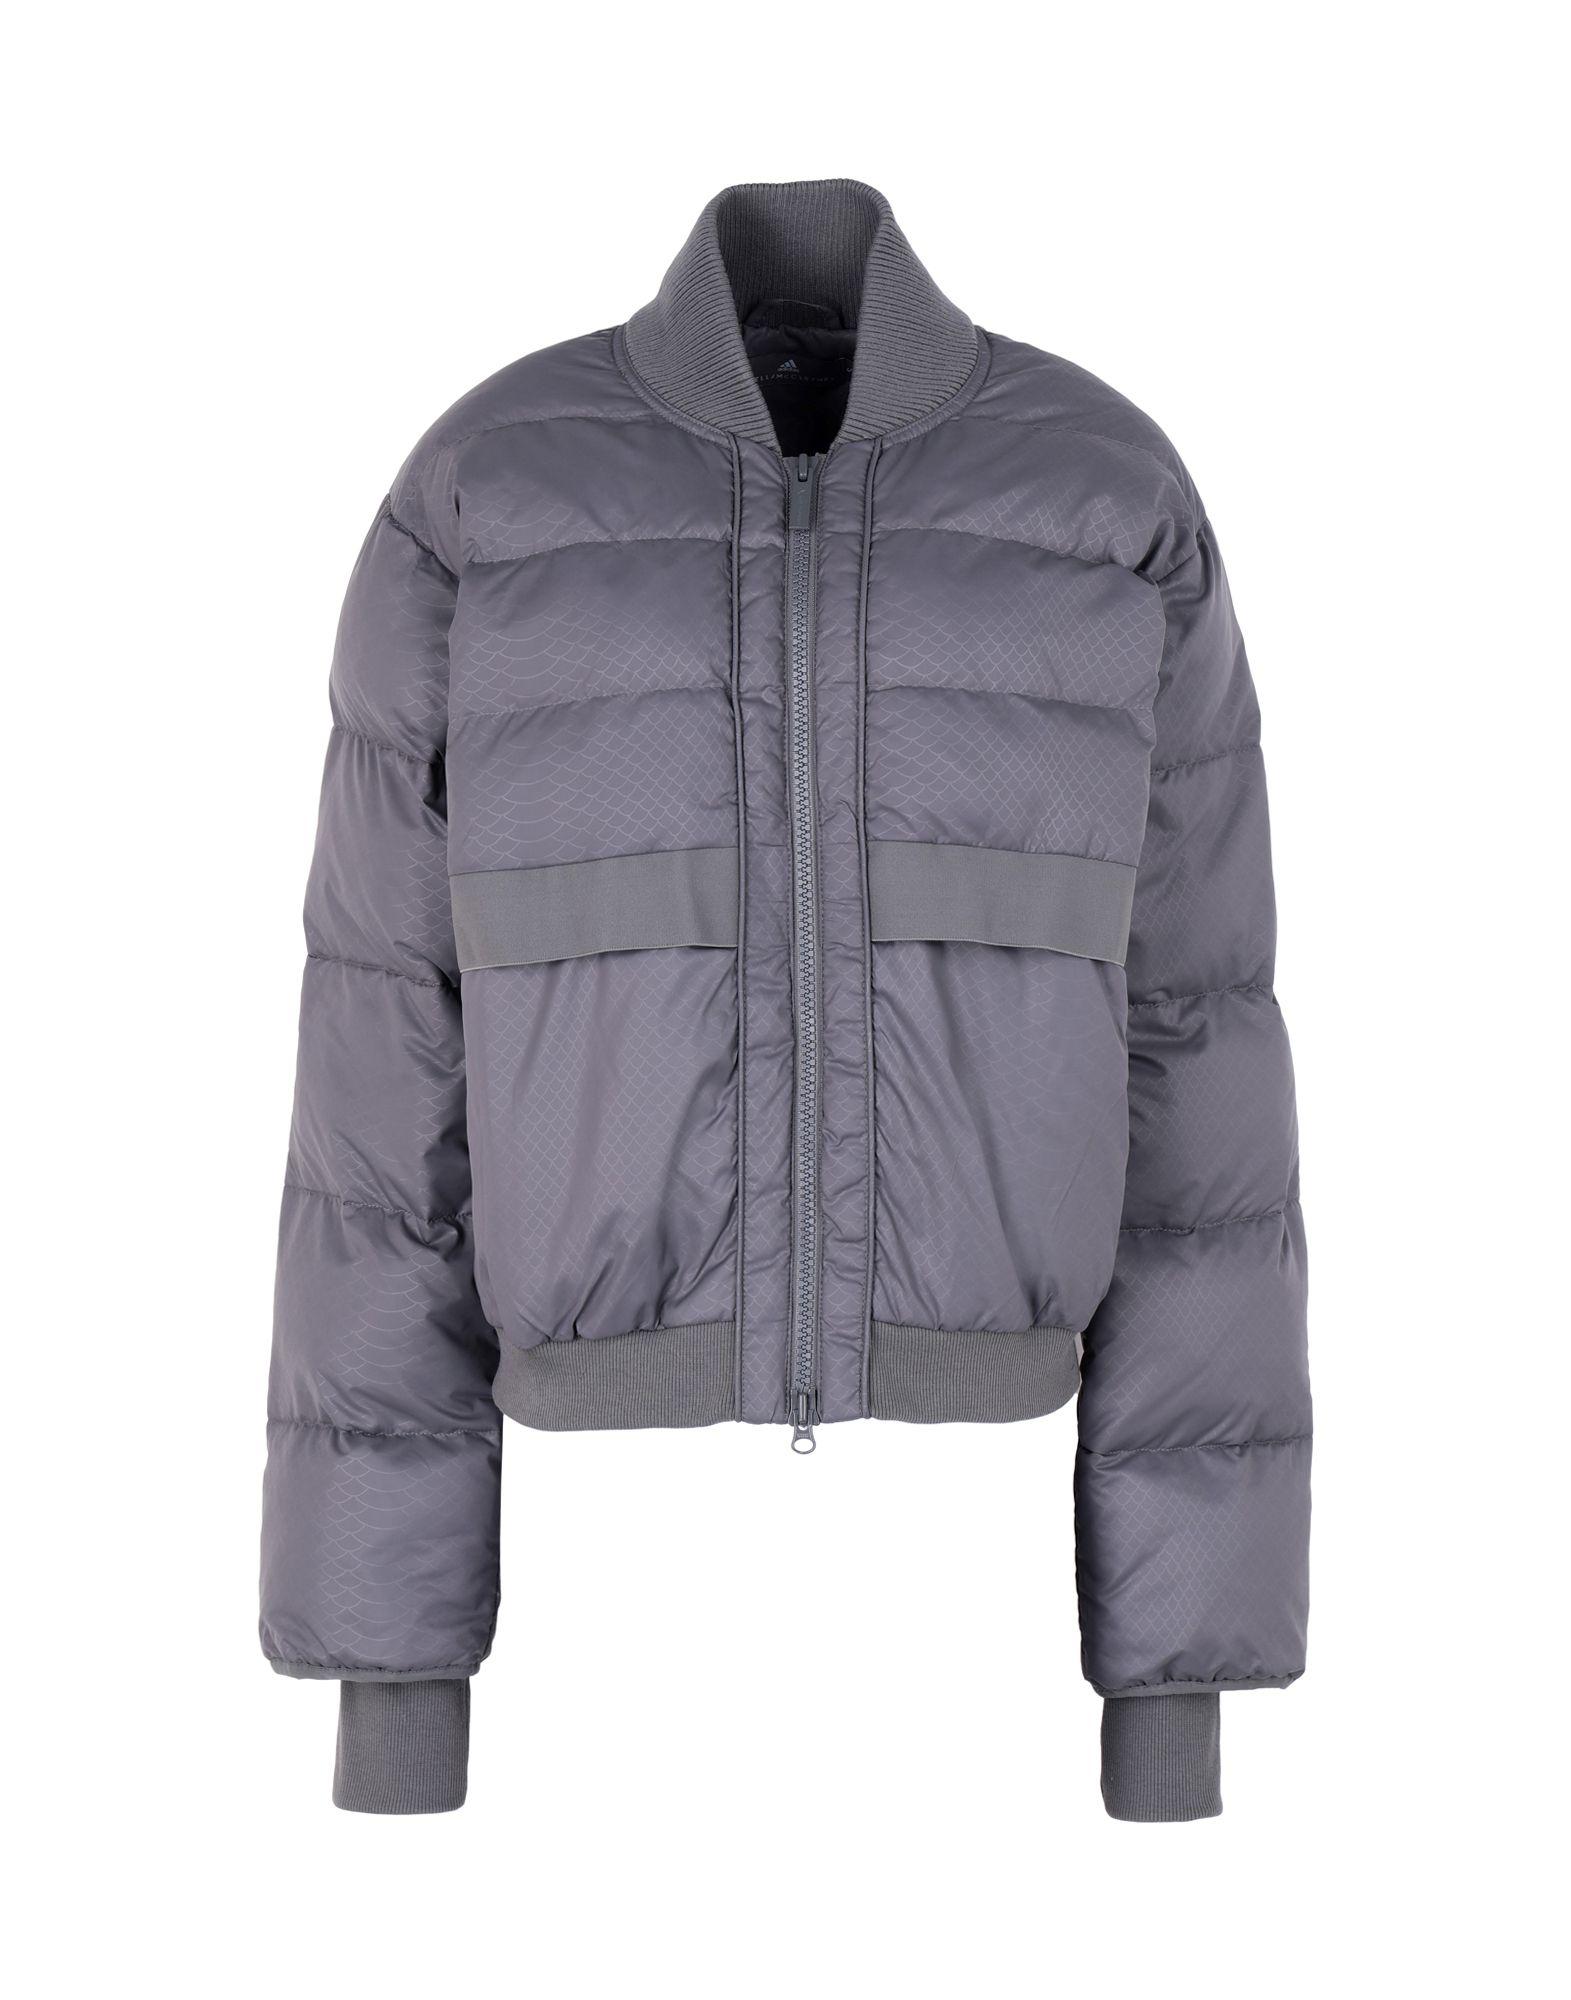 《セール開催中》ADIDAS by STELLA McCARTNEY レディース 合成繊維中綿アウター グレー XS 100% ポリエステル Essentials Short Padded Jacket